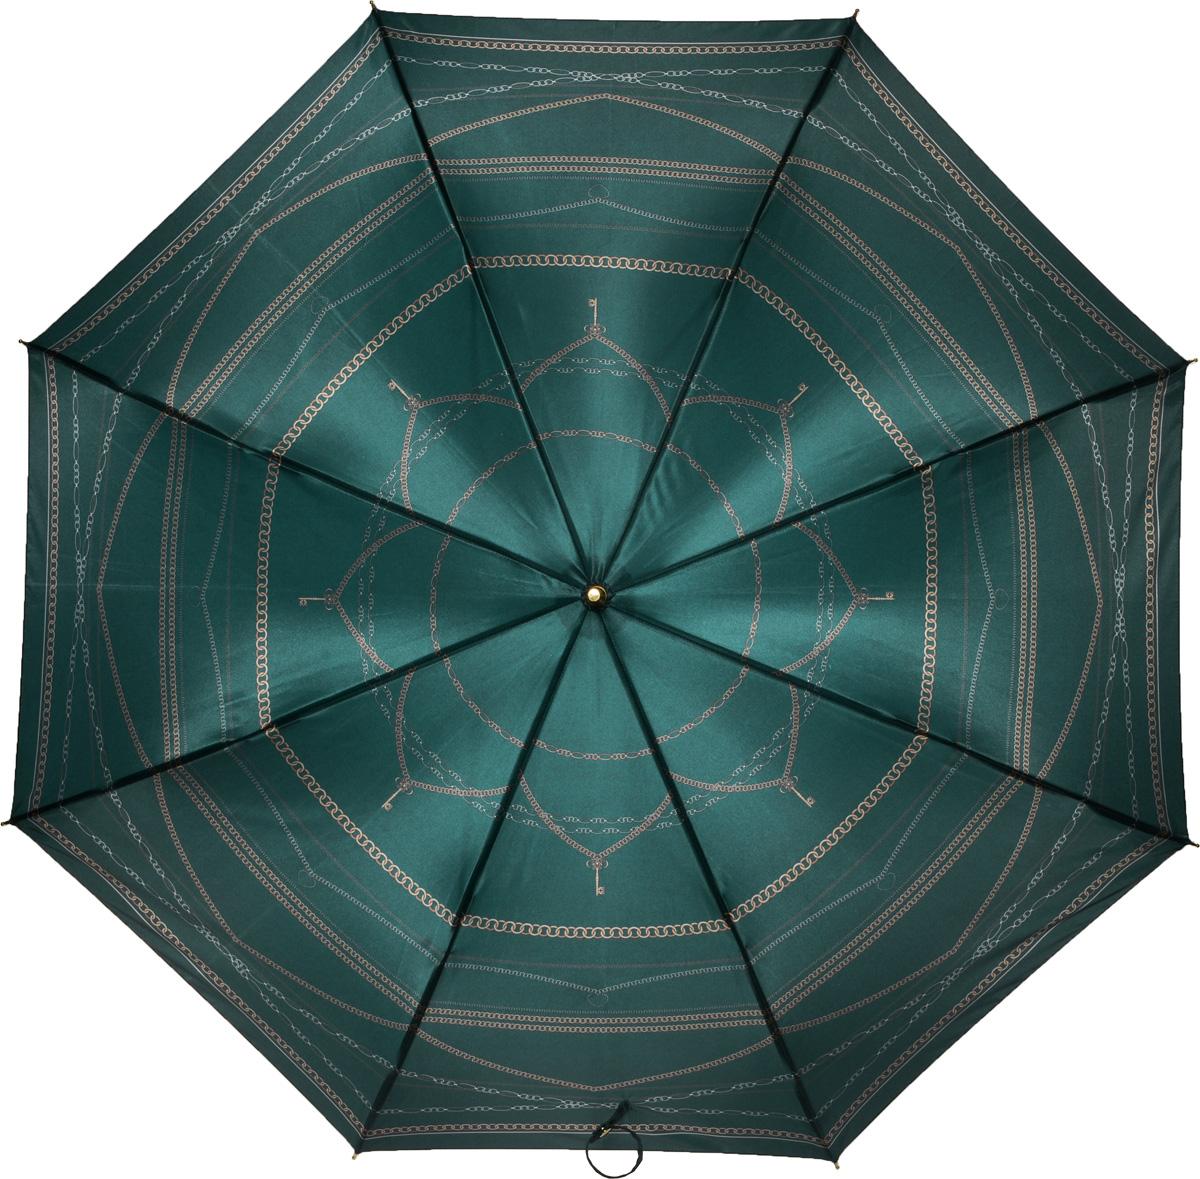 Зонт женский Fabretti, механика, трость, цвет: зеленый. 16081608Зонт-трость женский Fabrett.Оригинальный женский зонт на все случаи жизни. Зонтик имеет стильный, неброский дизайн.